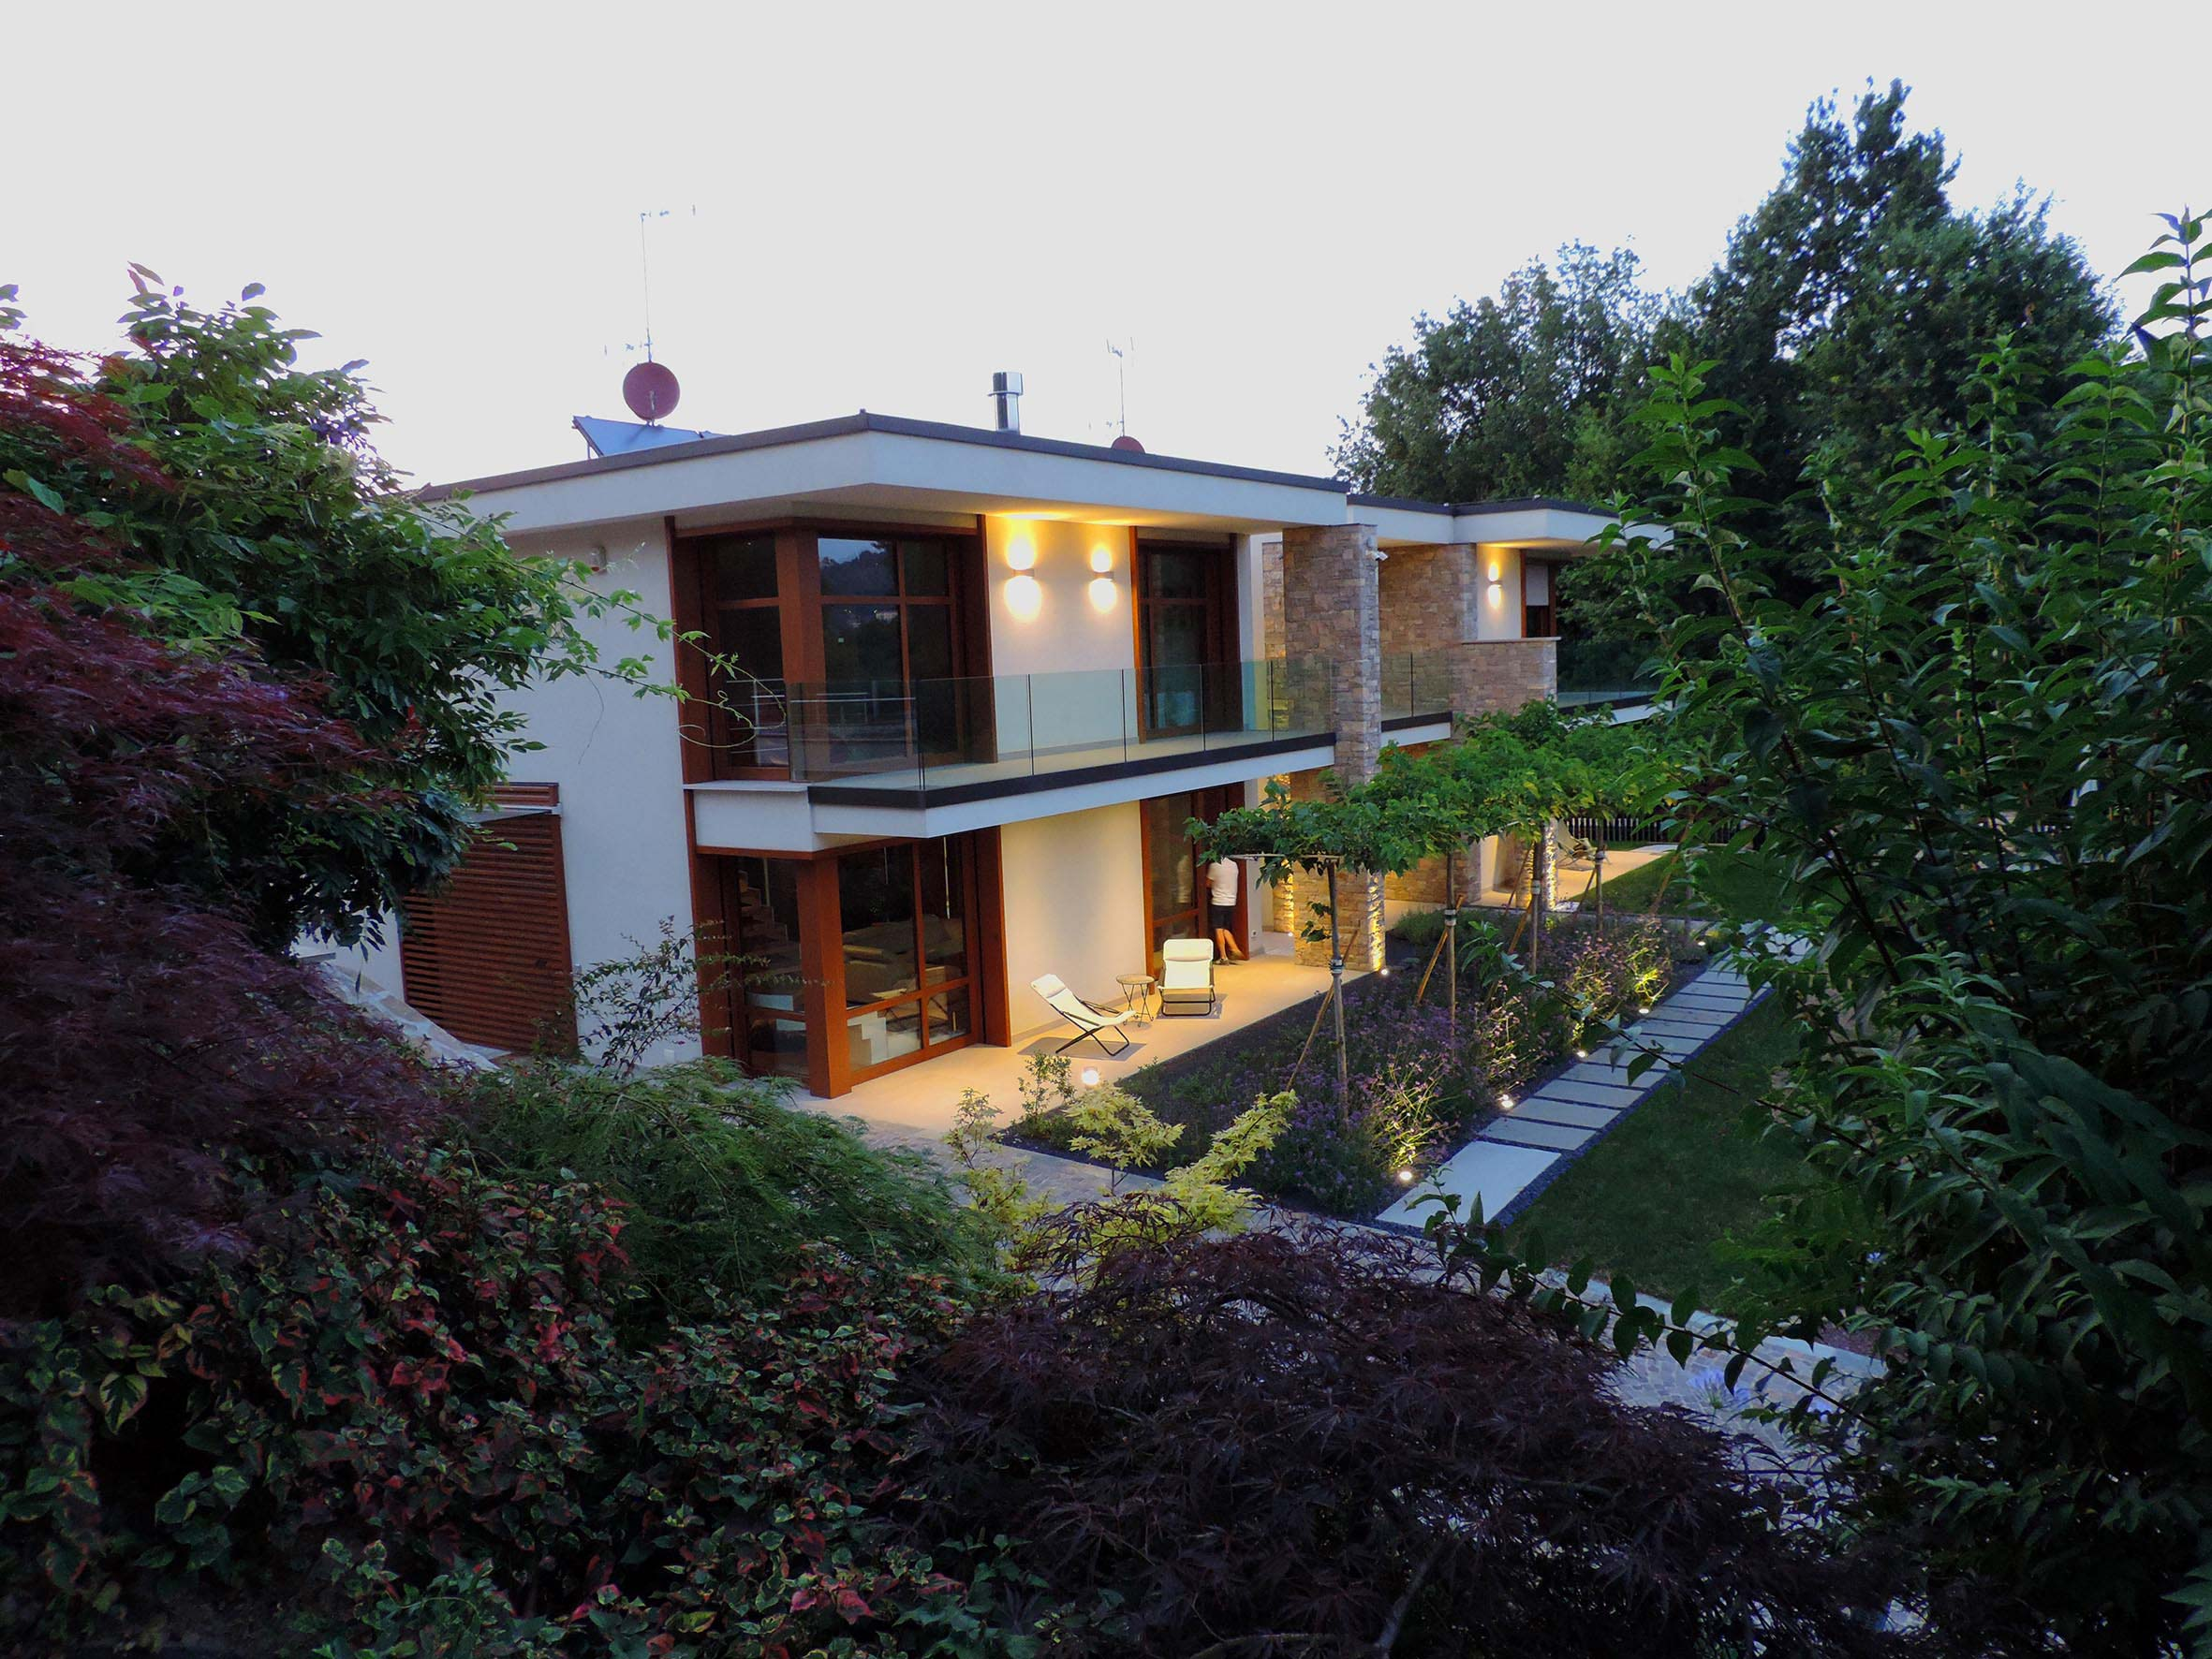 Progettazione e realizzazione giardino villa nel bosco - Giardini villette private ...